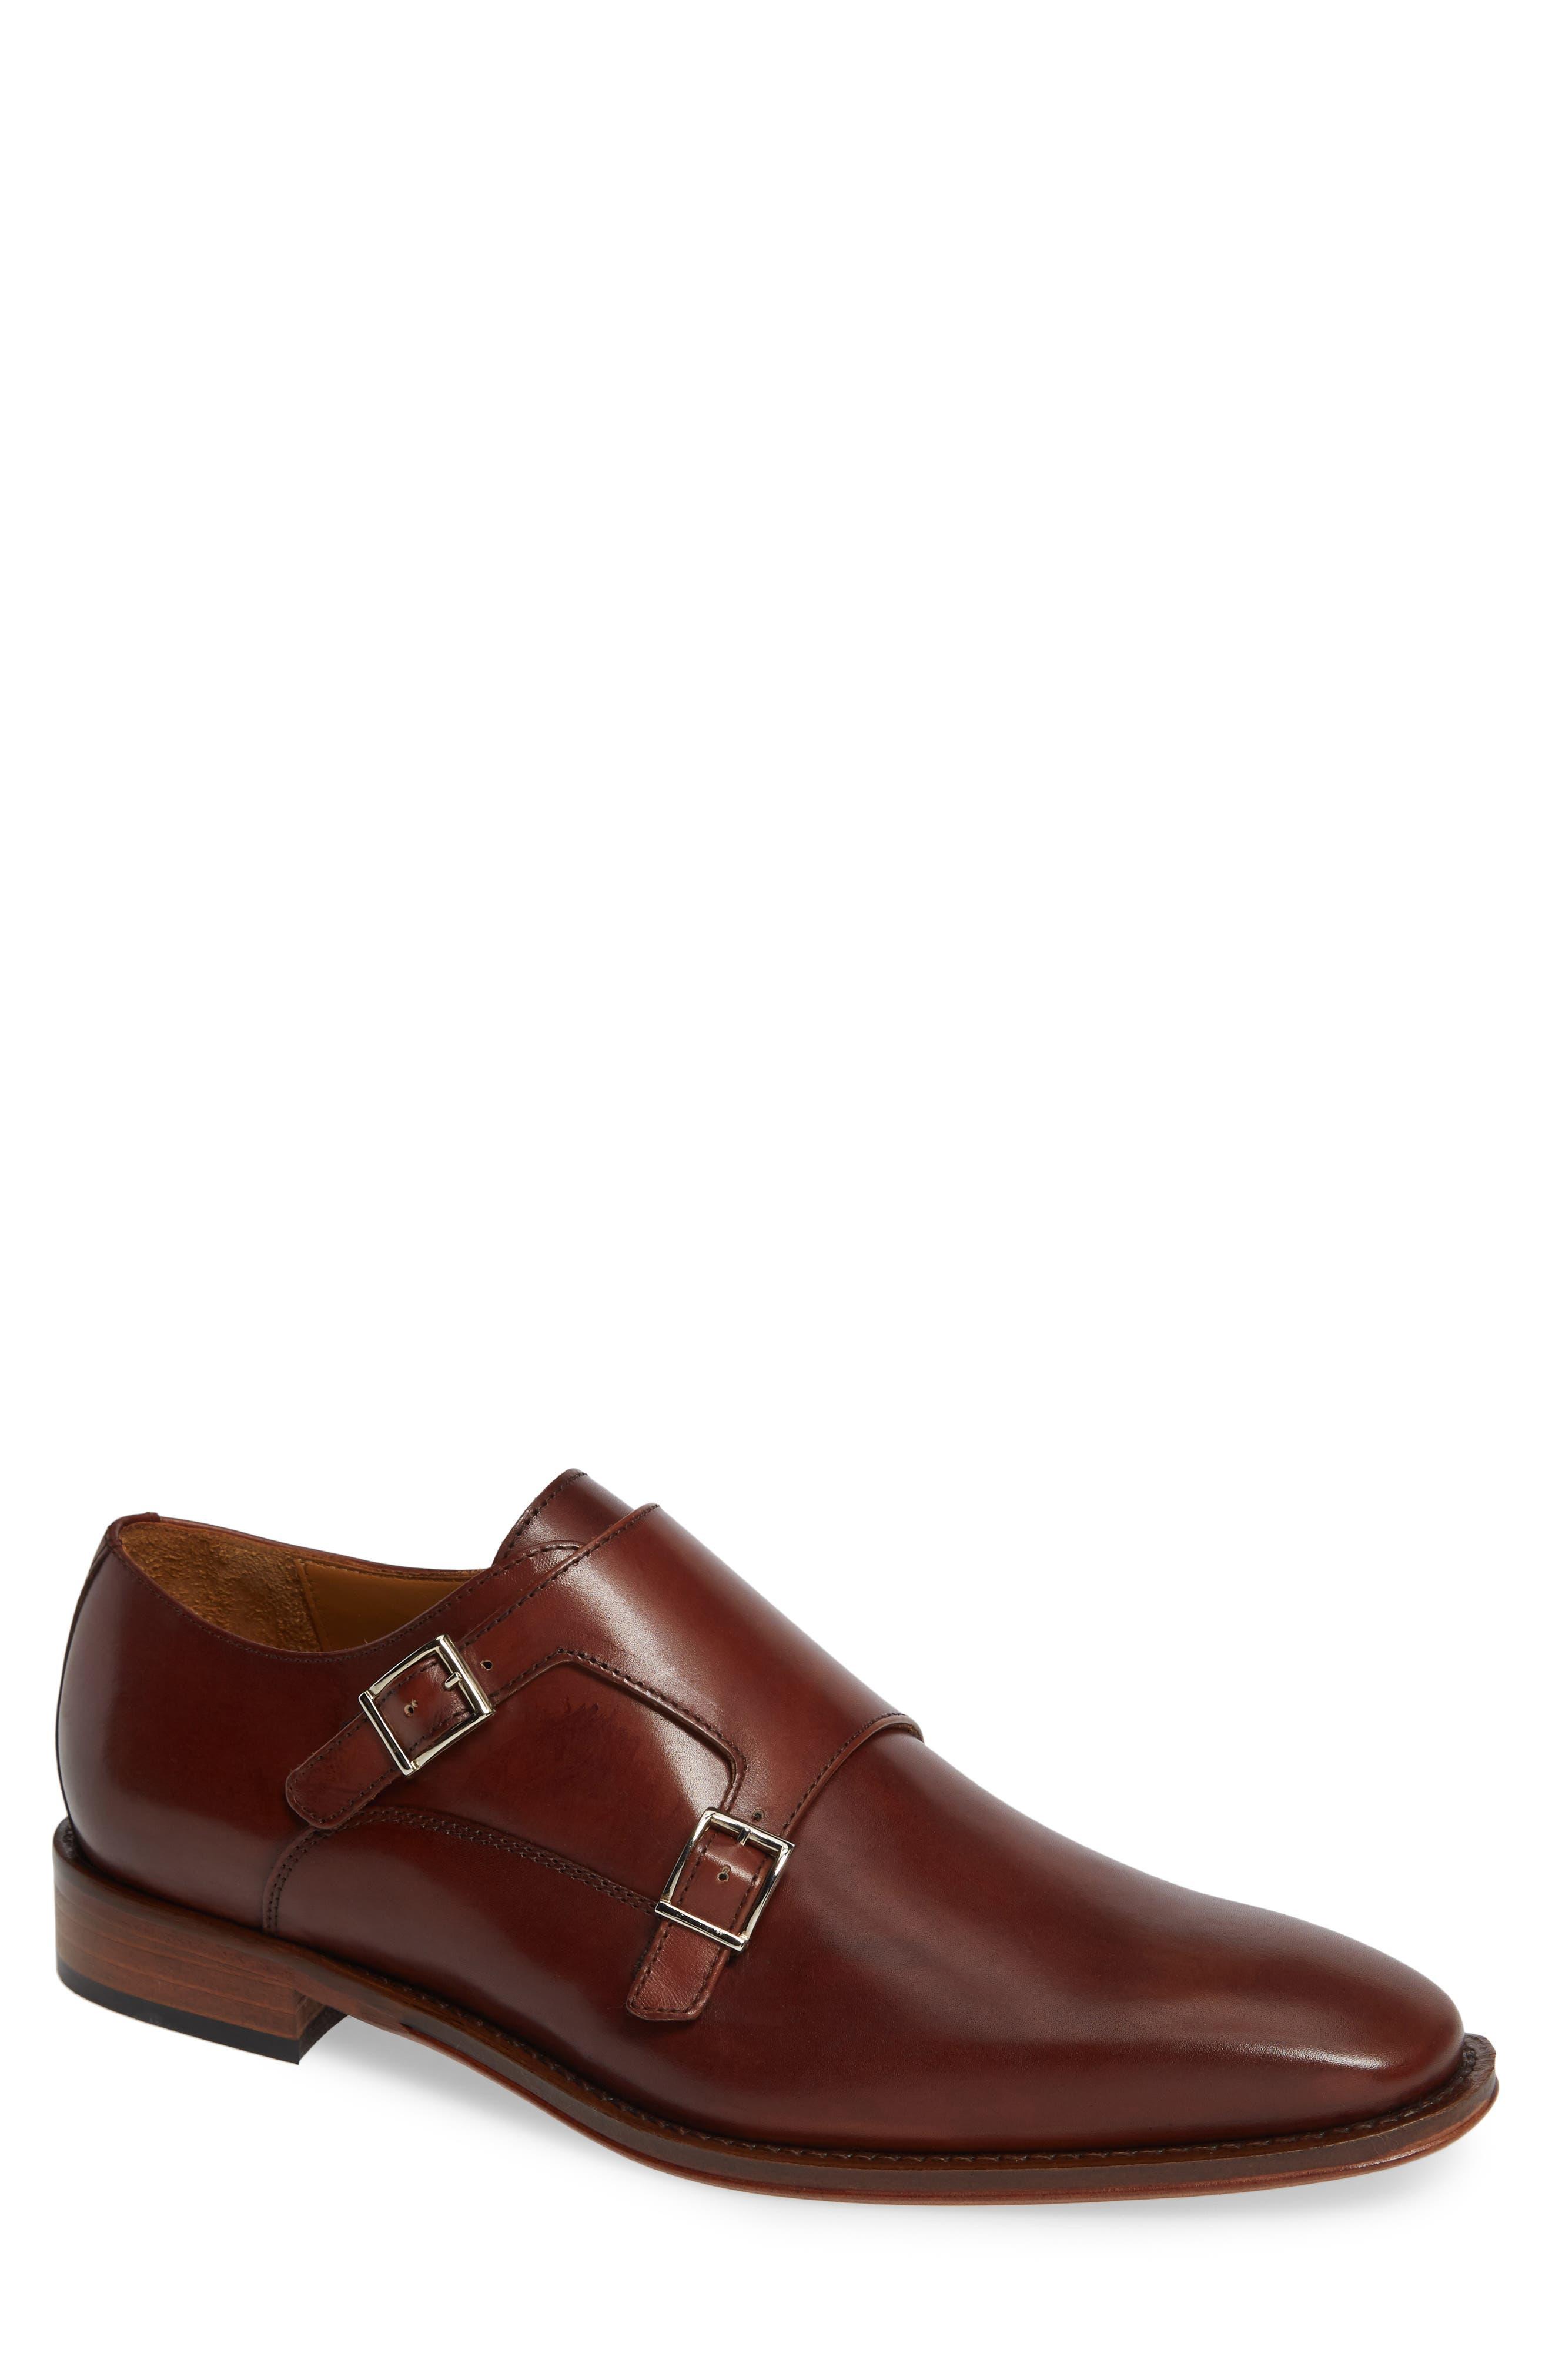 Trento Double Monk Strap Shoe,                             Main thumbnail 1, color,                             236